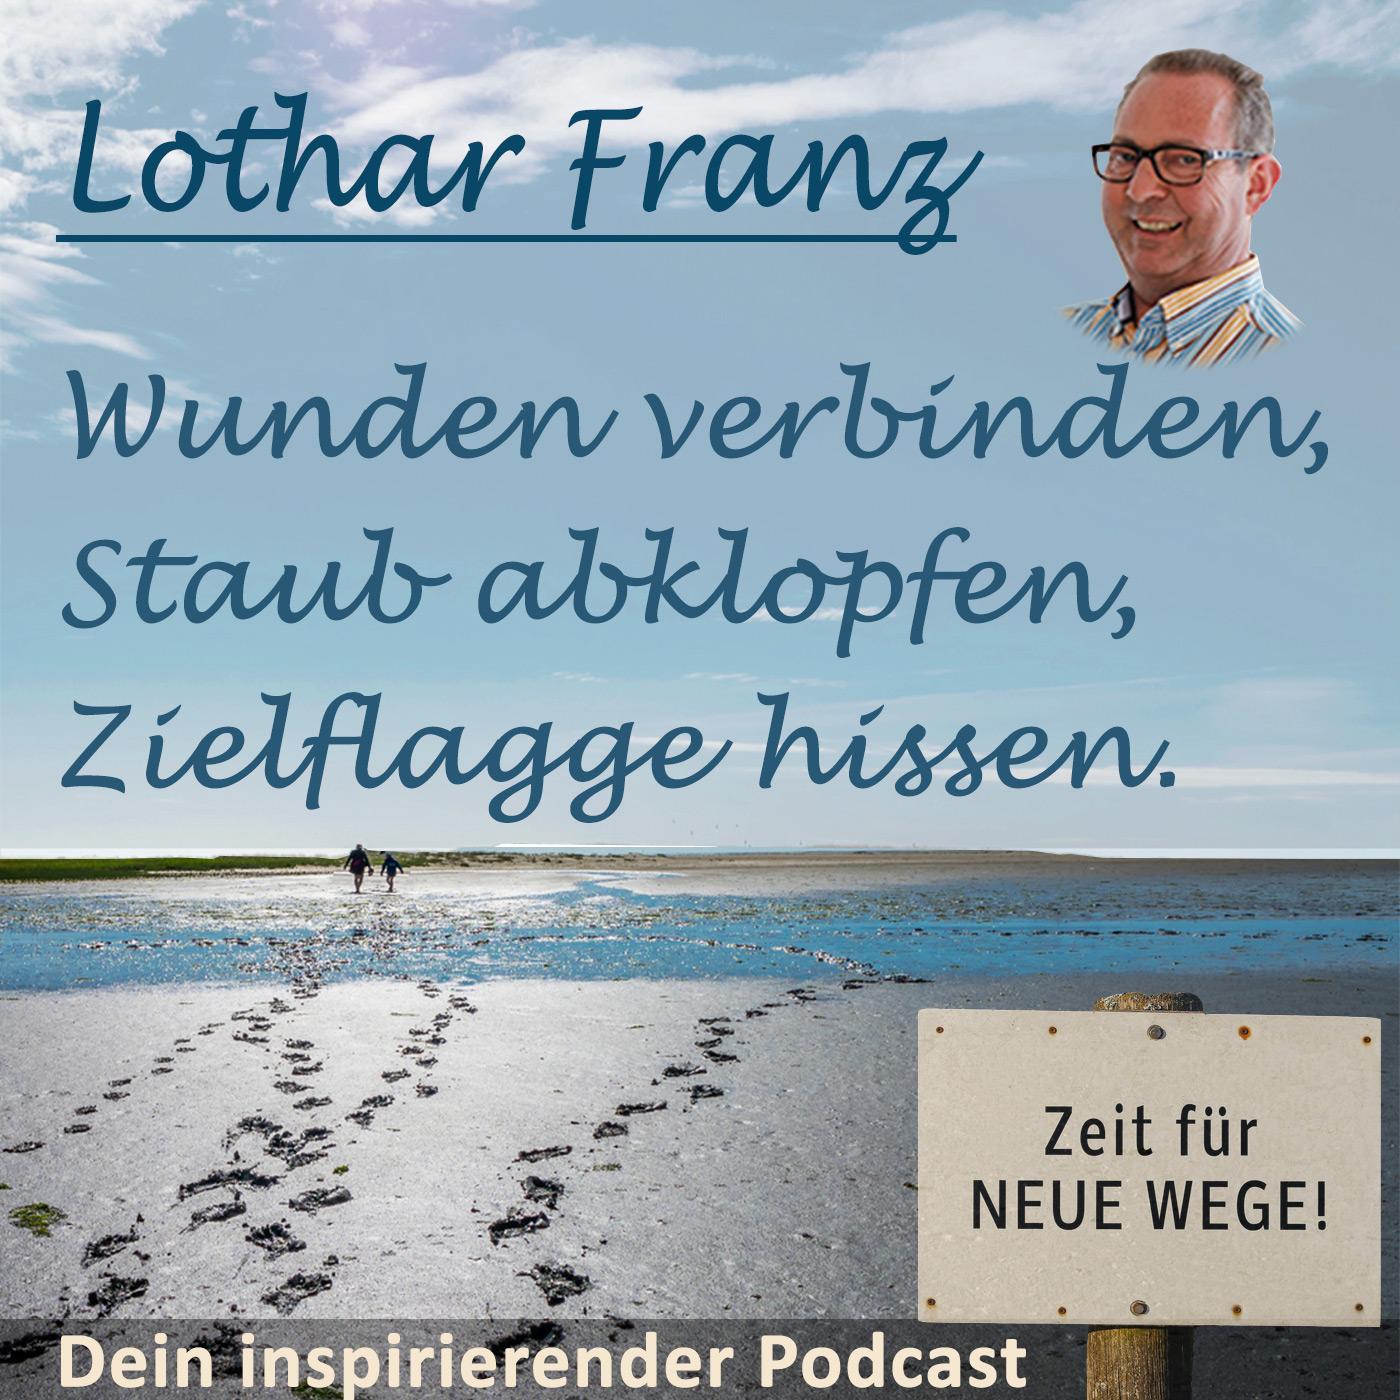 Wunden verbinden. Staub abklopfen. Zielflagge hissen. Inspirierender Podcast mit Lothar Franz show art